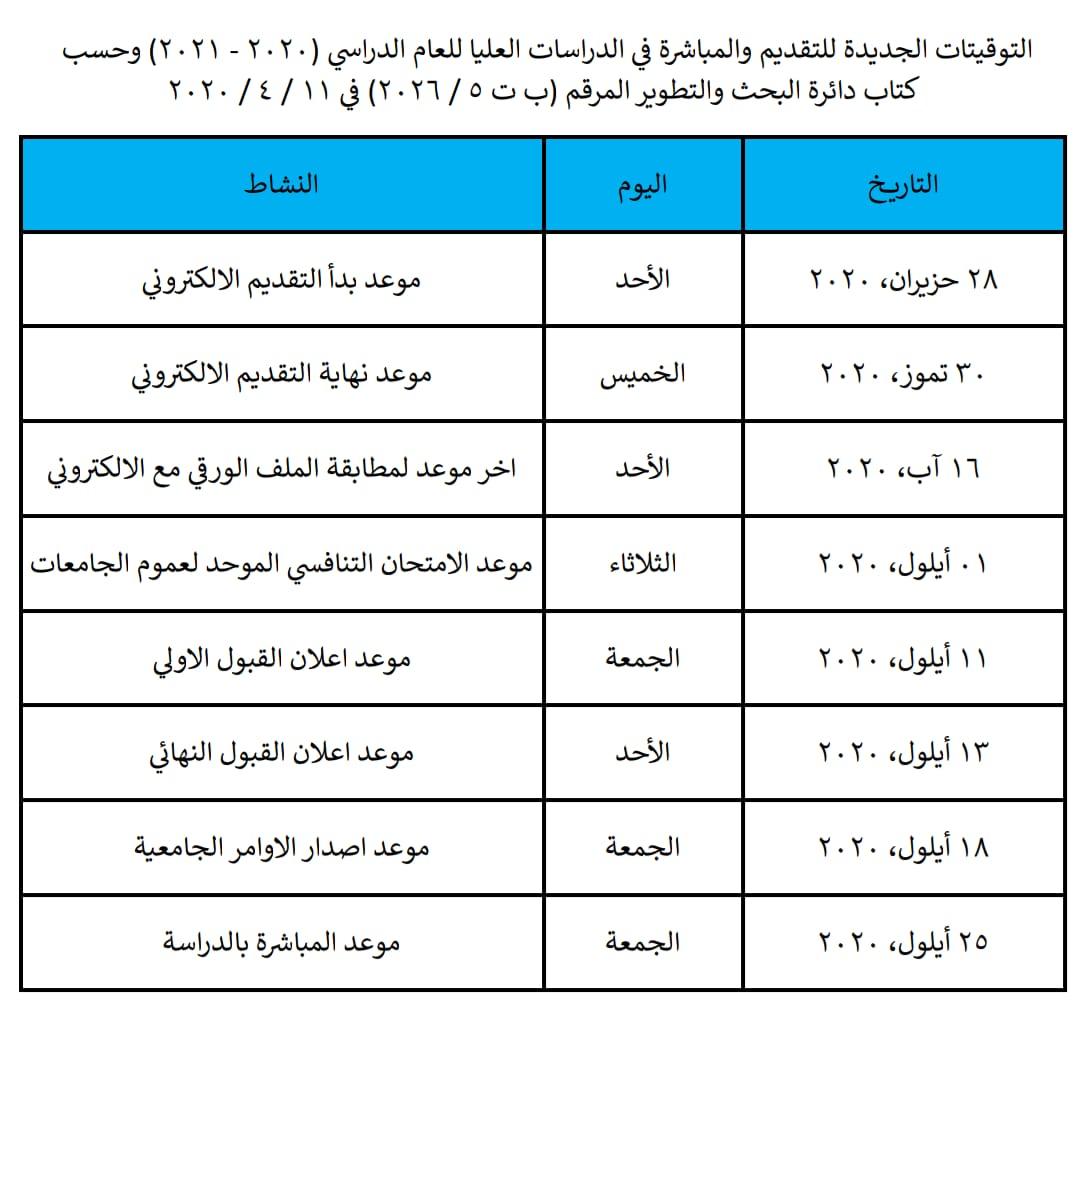 ضوابط تقديم والقبول في الدراسات العليا